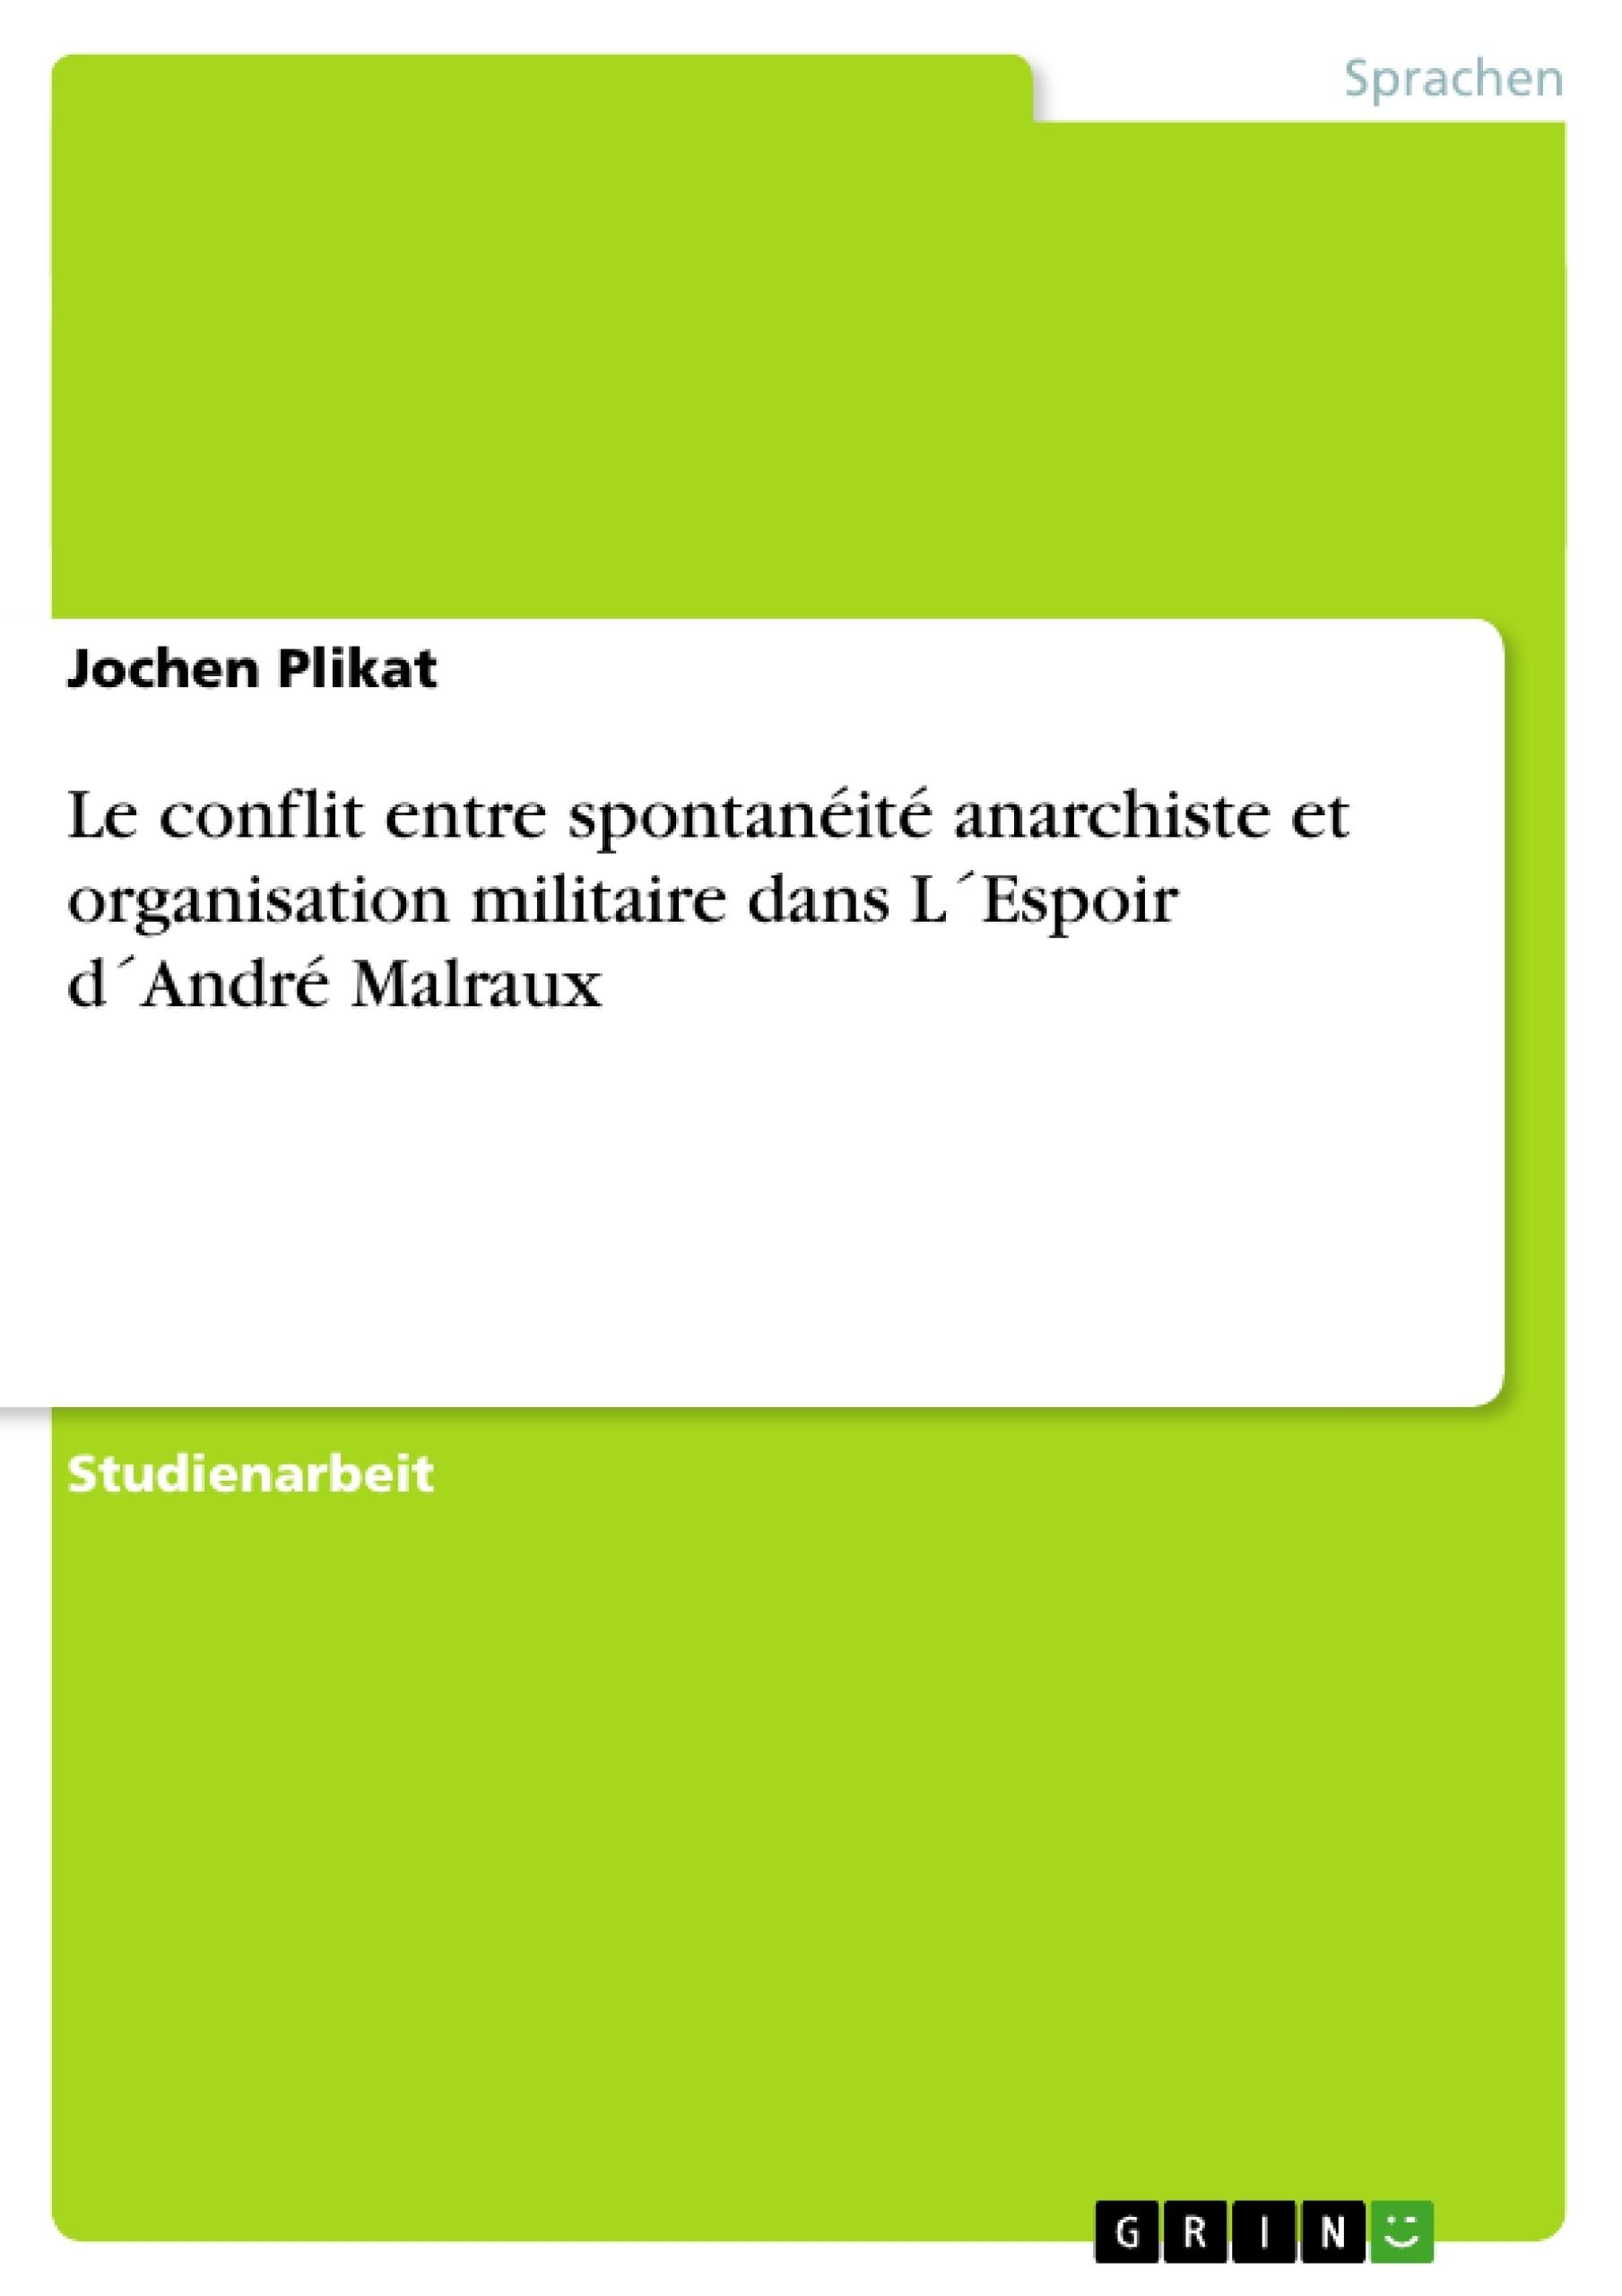 Titel: Le conflit entre spontanéité anarchiste et organisation militaire dans L´Espoir d´André Malraux